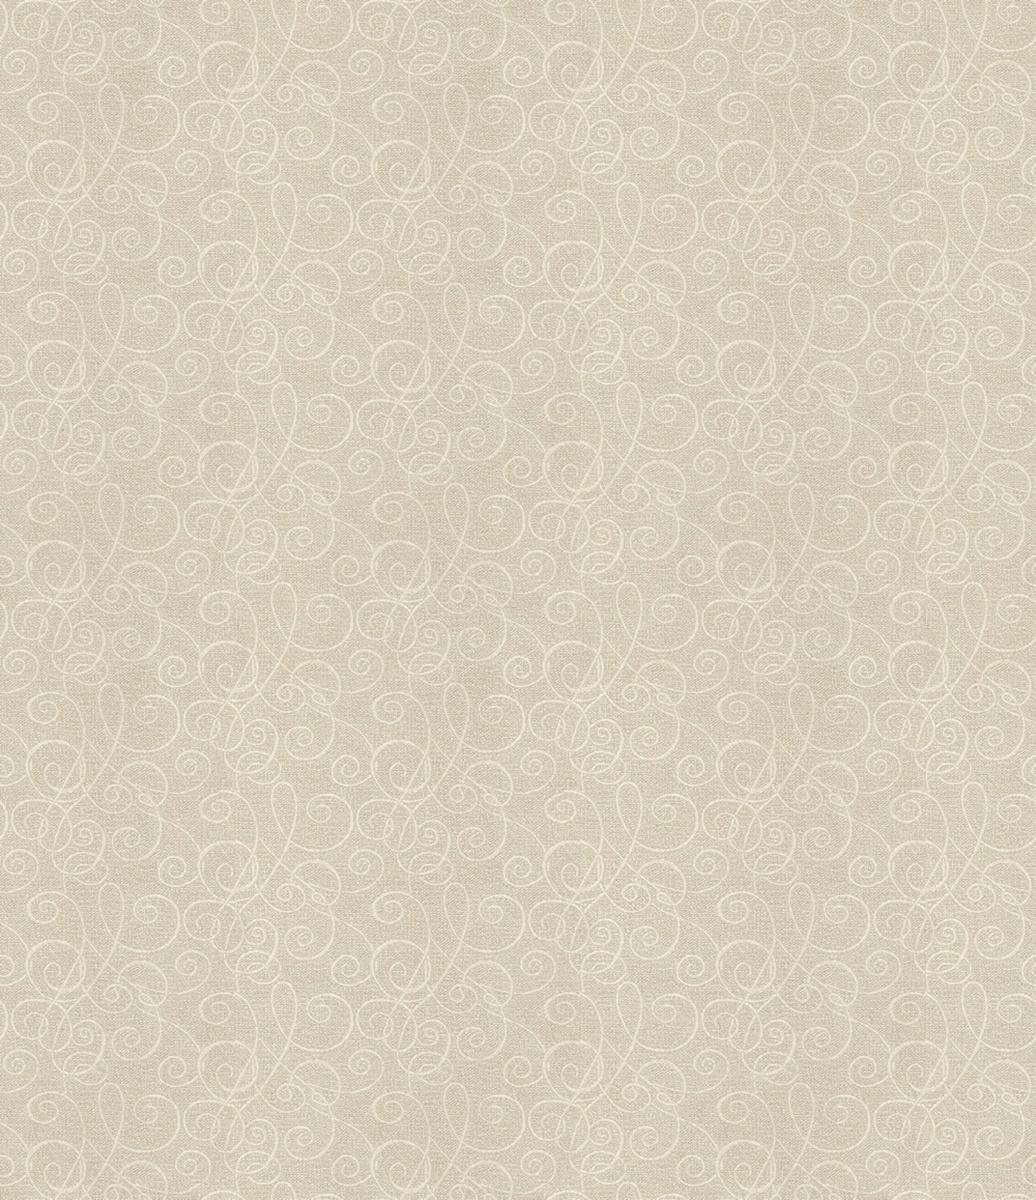 Papel De Parede Vinilico Estampado Durável Impermeável Sala